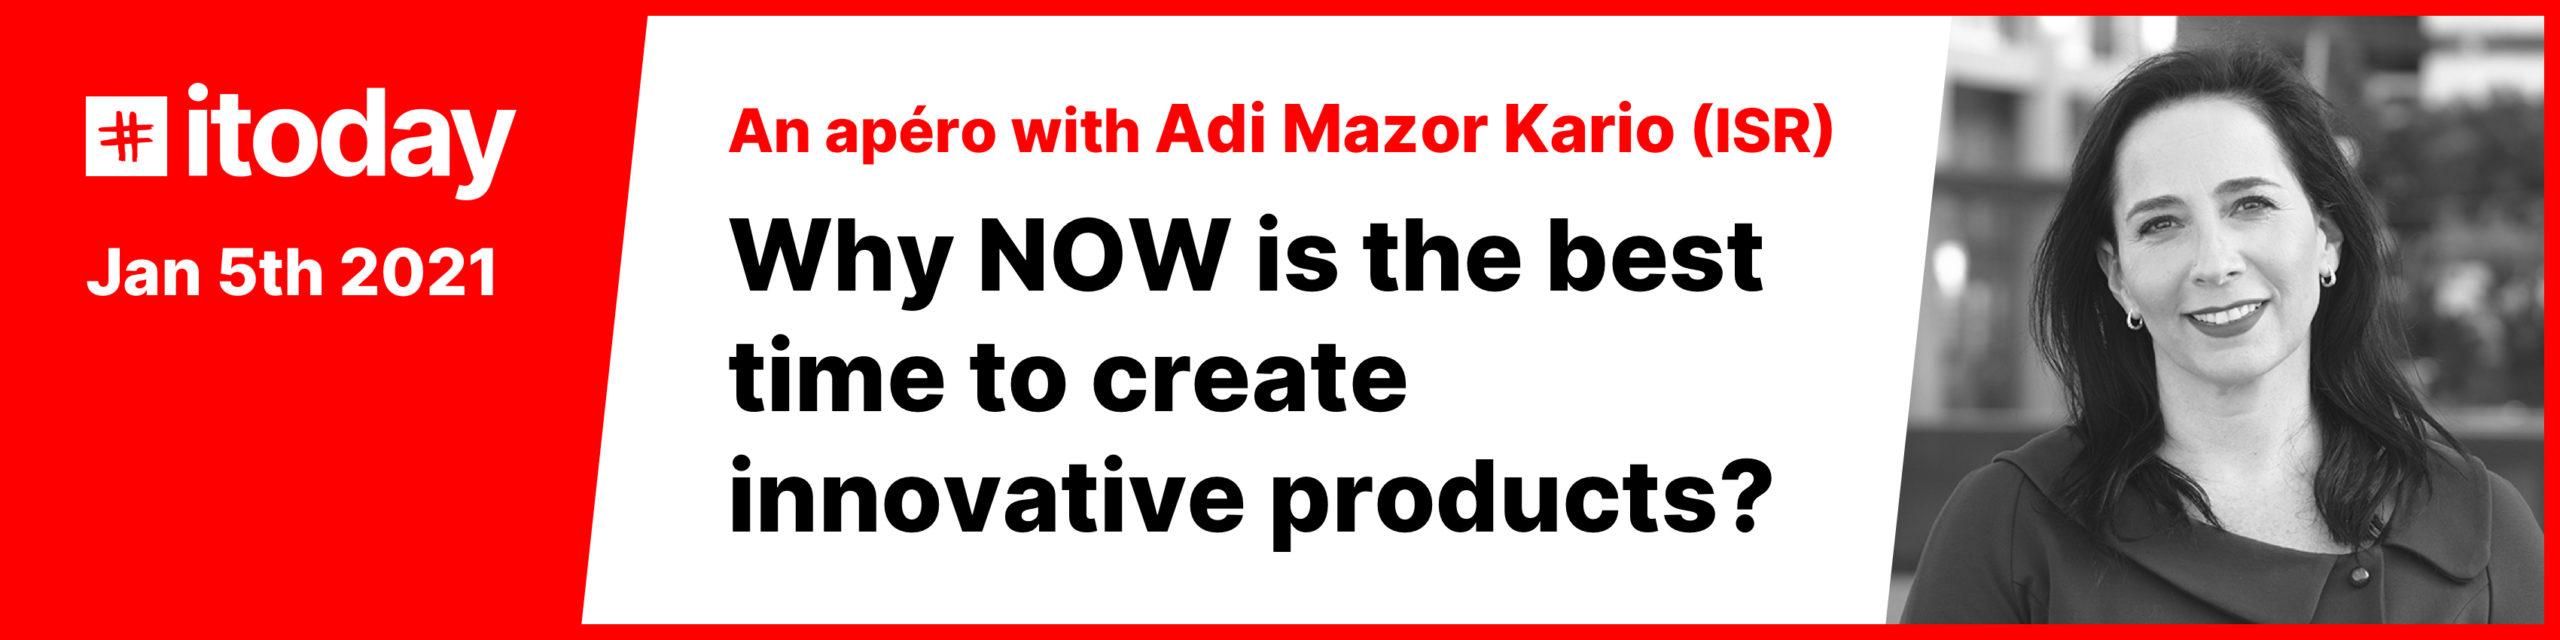 Adi Mazor Kario - Itoday Apéro